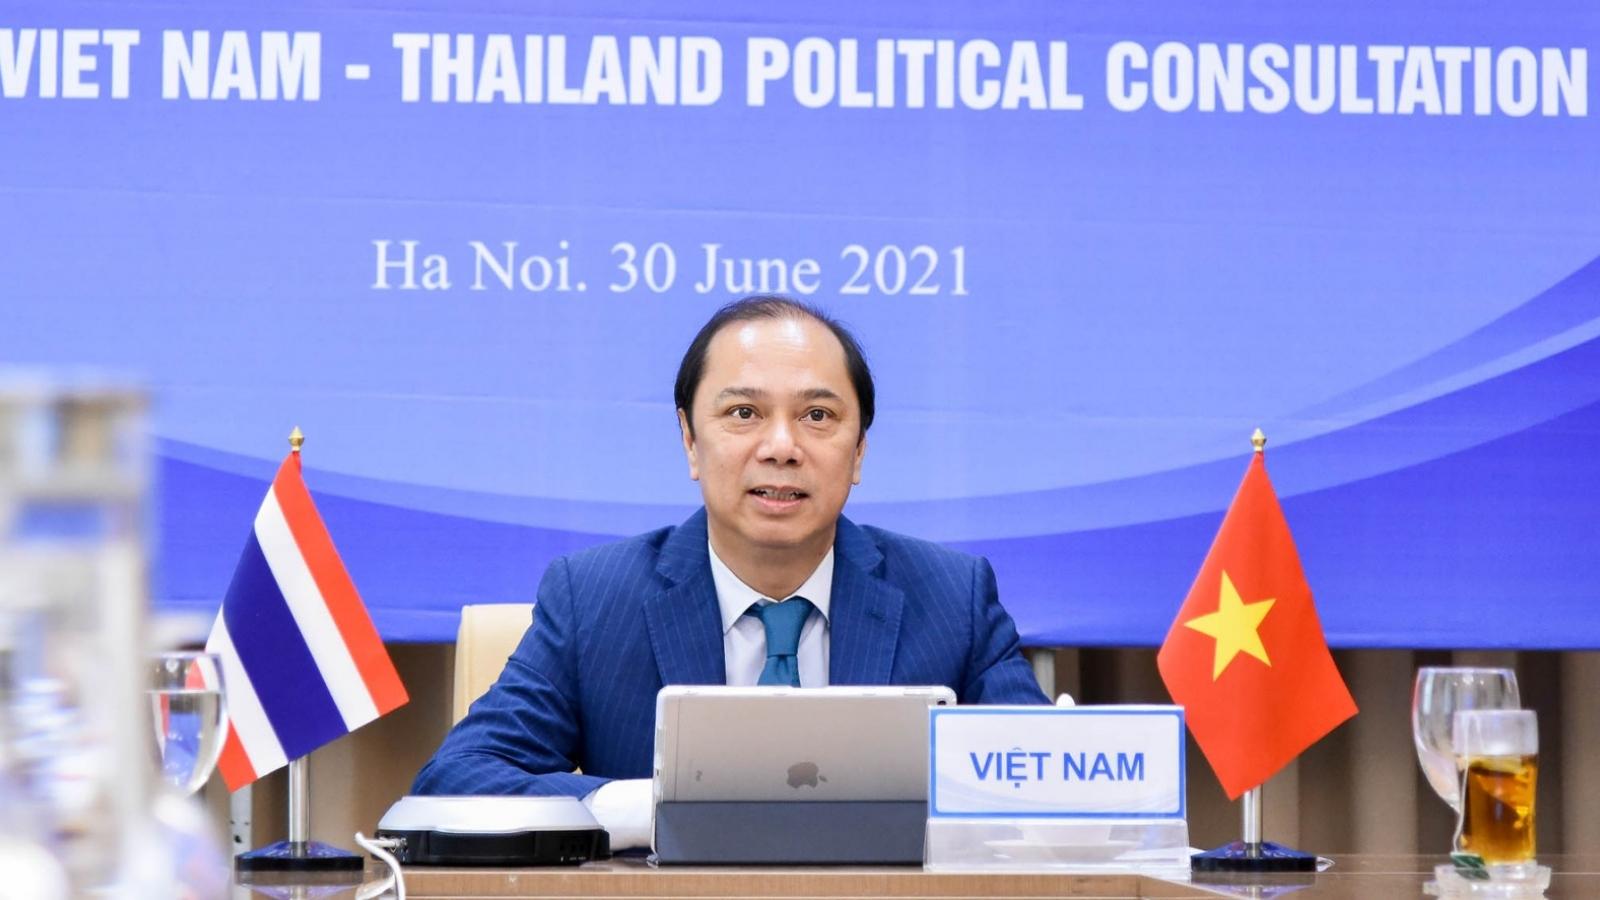 Việt Nam và Thái Lan ủng hộ thực hiện đầy đủ DOC và đàm phán COC trên Biển Đông